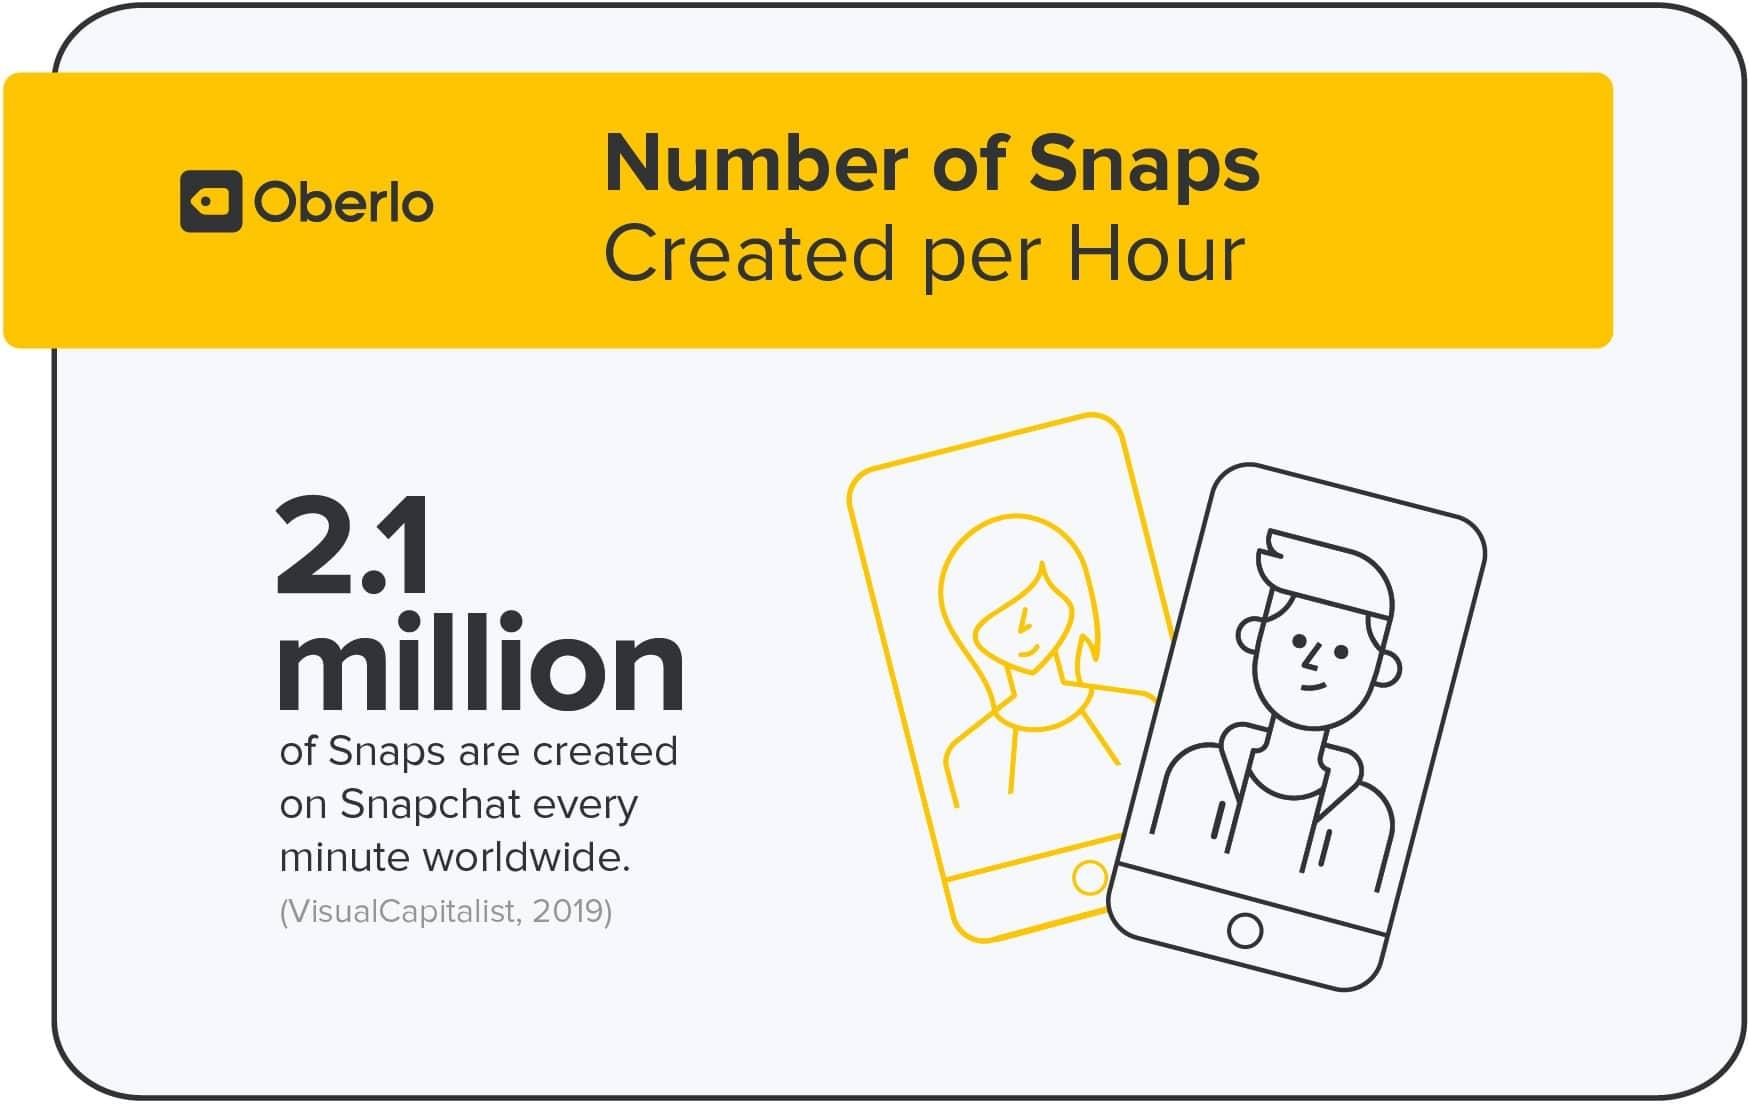 כמות הסנאפים מדי דקה ביום